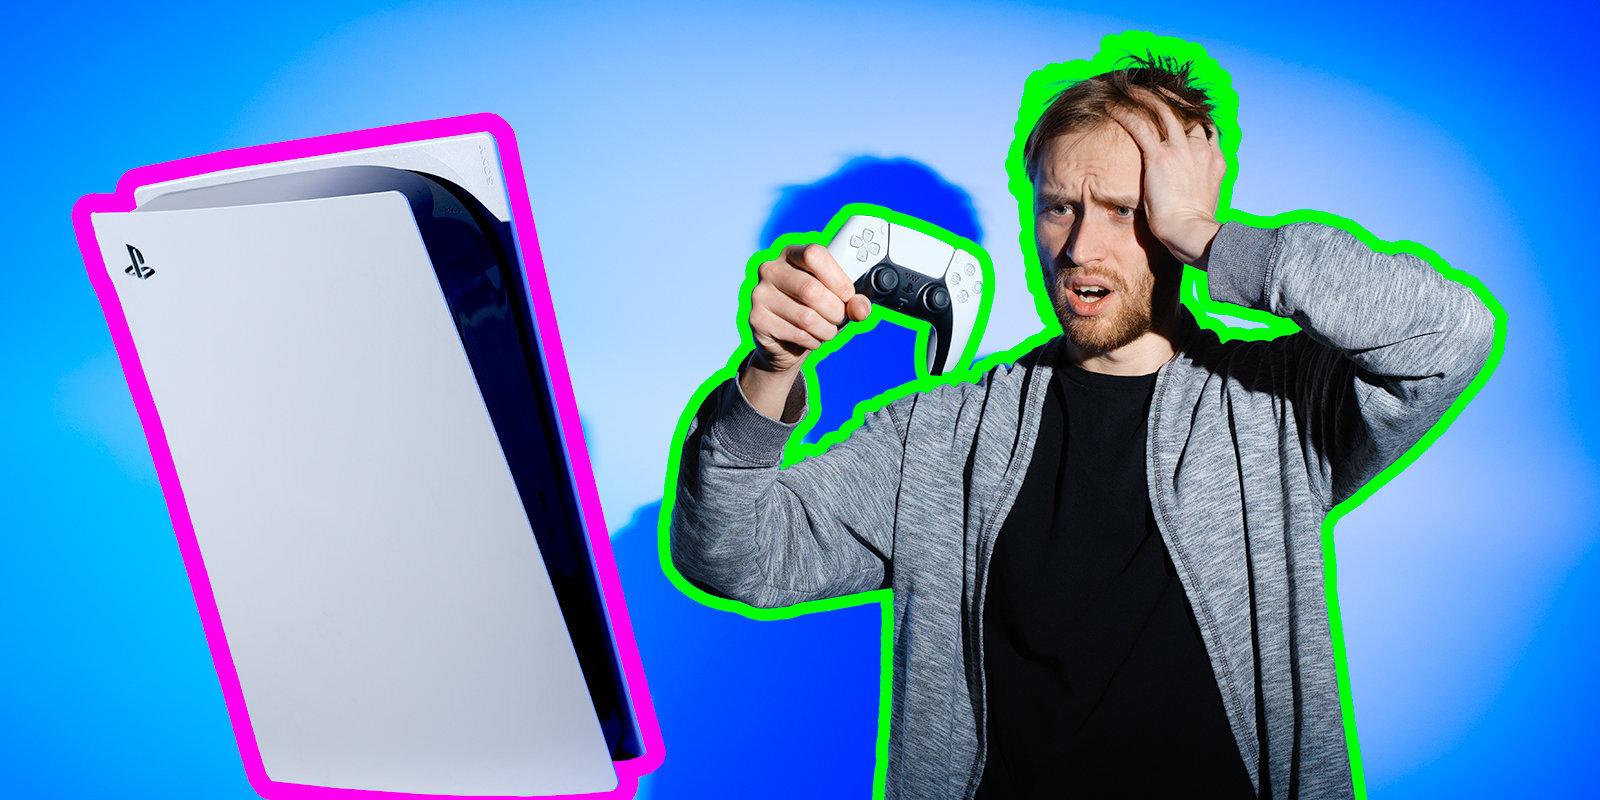 Ar videospēlēm caur pandēmiju. Vai šis ir laiks sākt geimot?